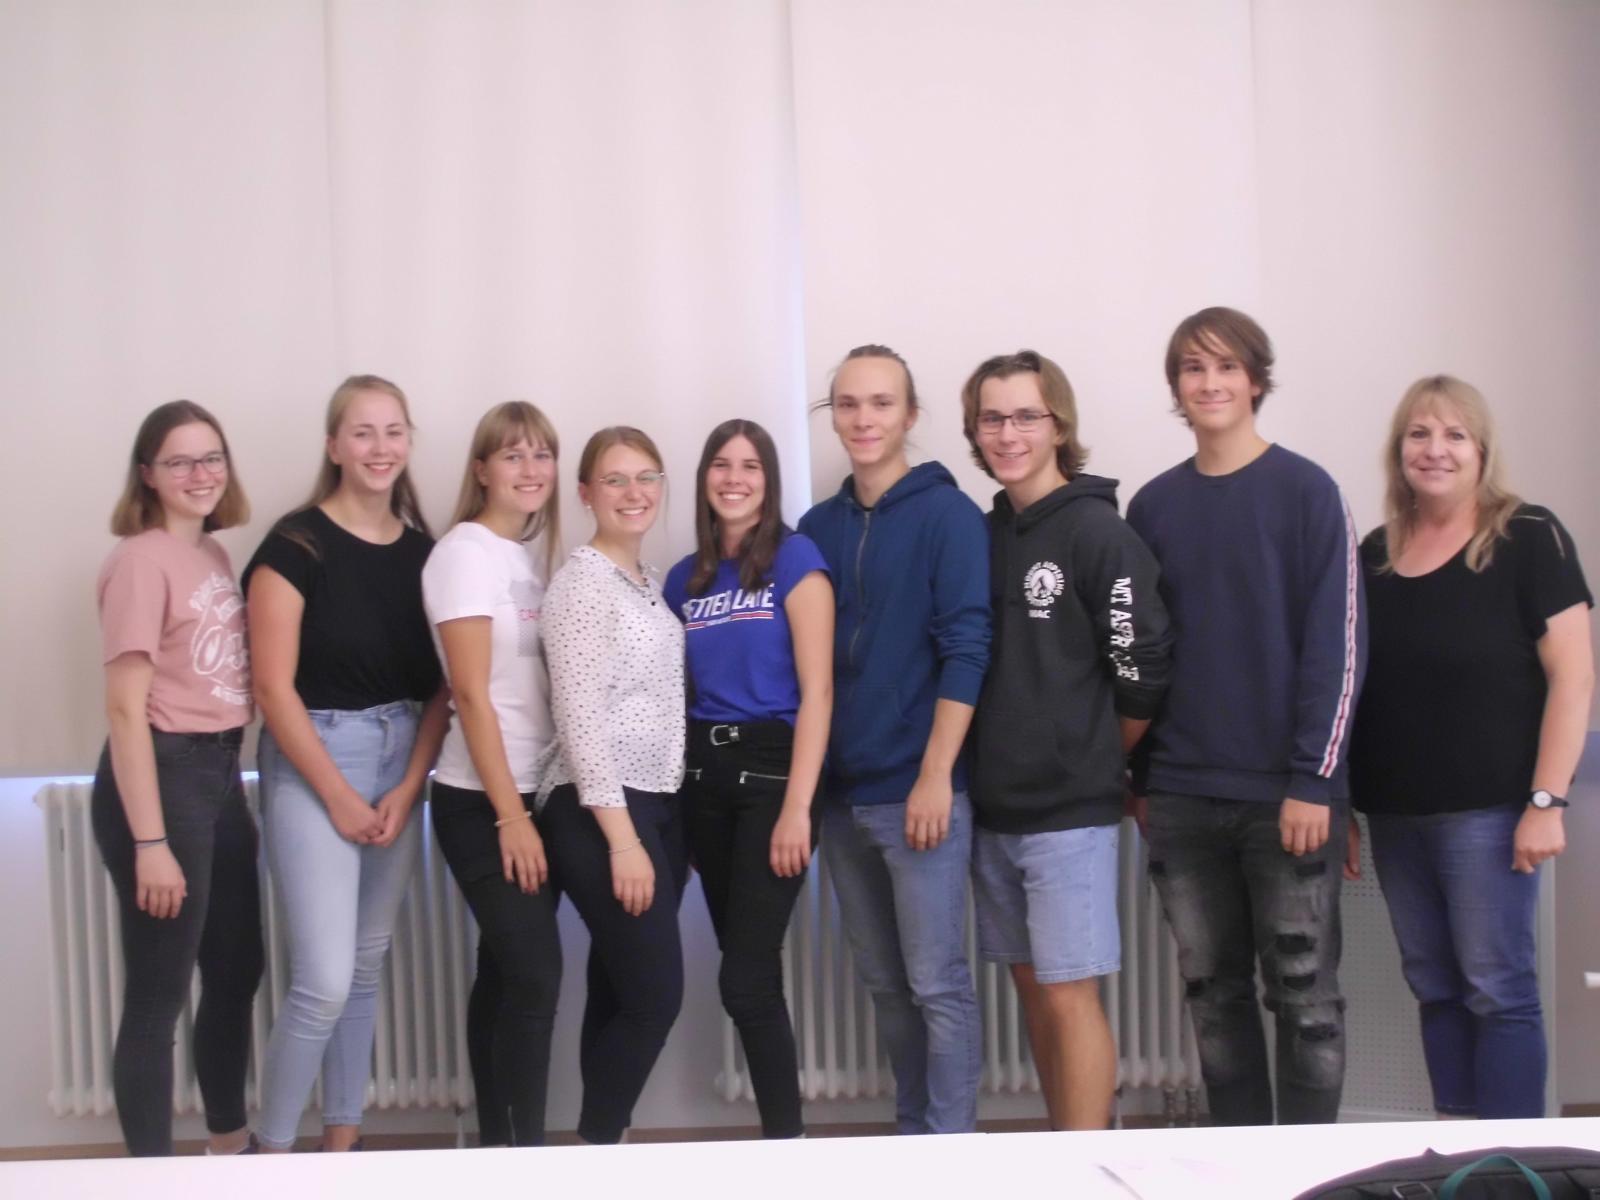 Mitglieder der Schulkonferenz und ihre Vertreter, Vertrauenslehrerin Fr. Striegler